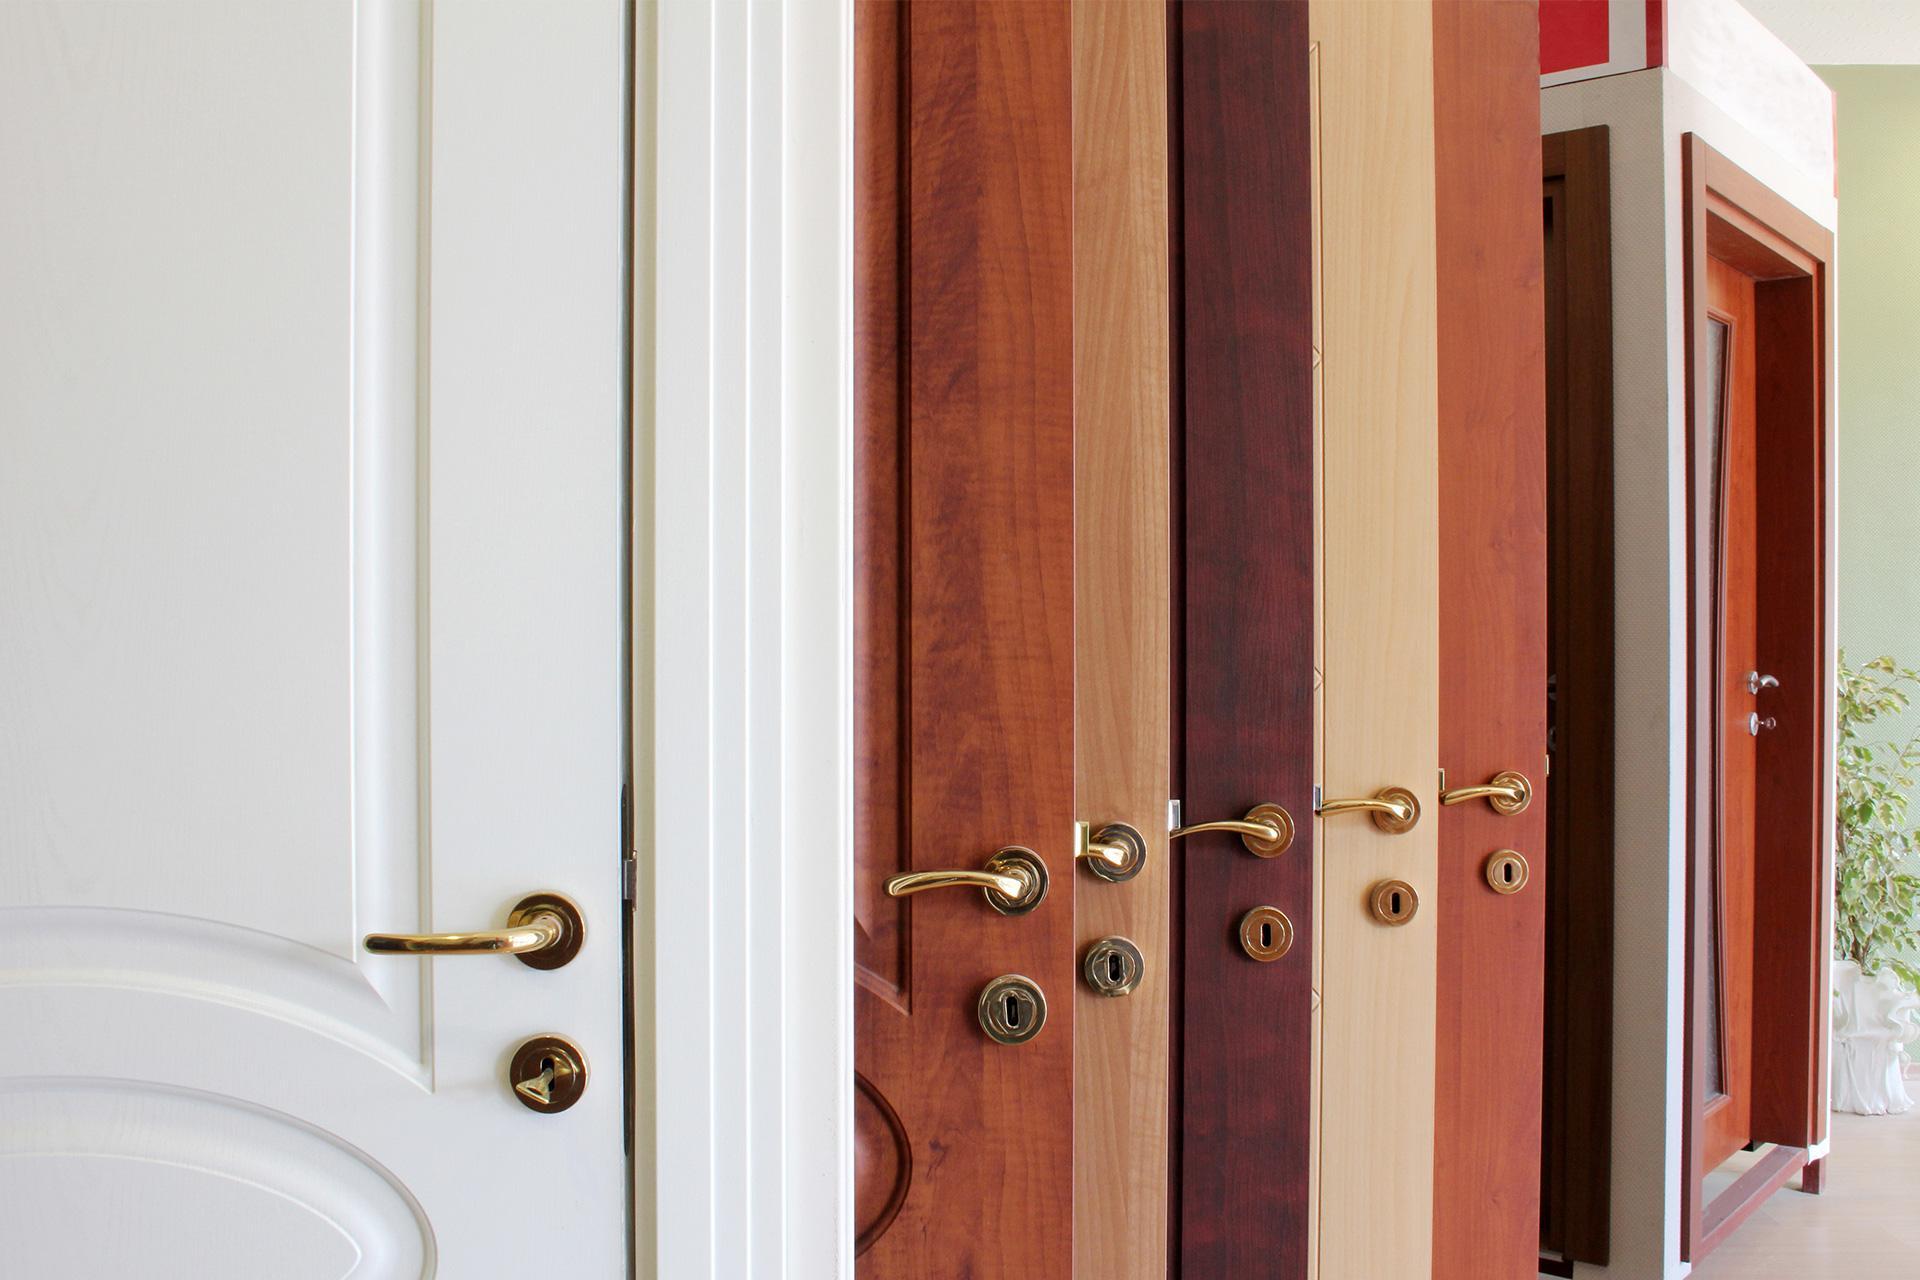 Porte e finestre lecce key door di montinari stefano - Porte e finestre lecce ...